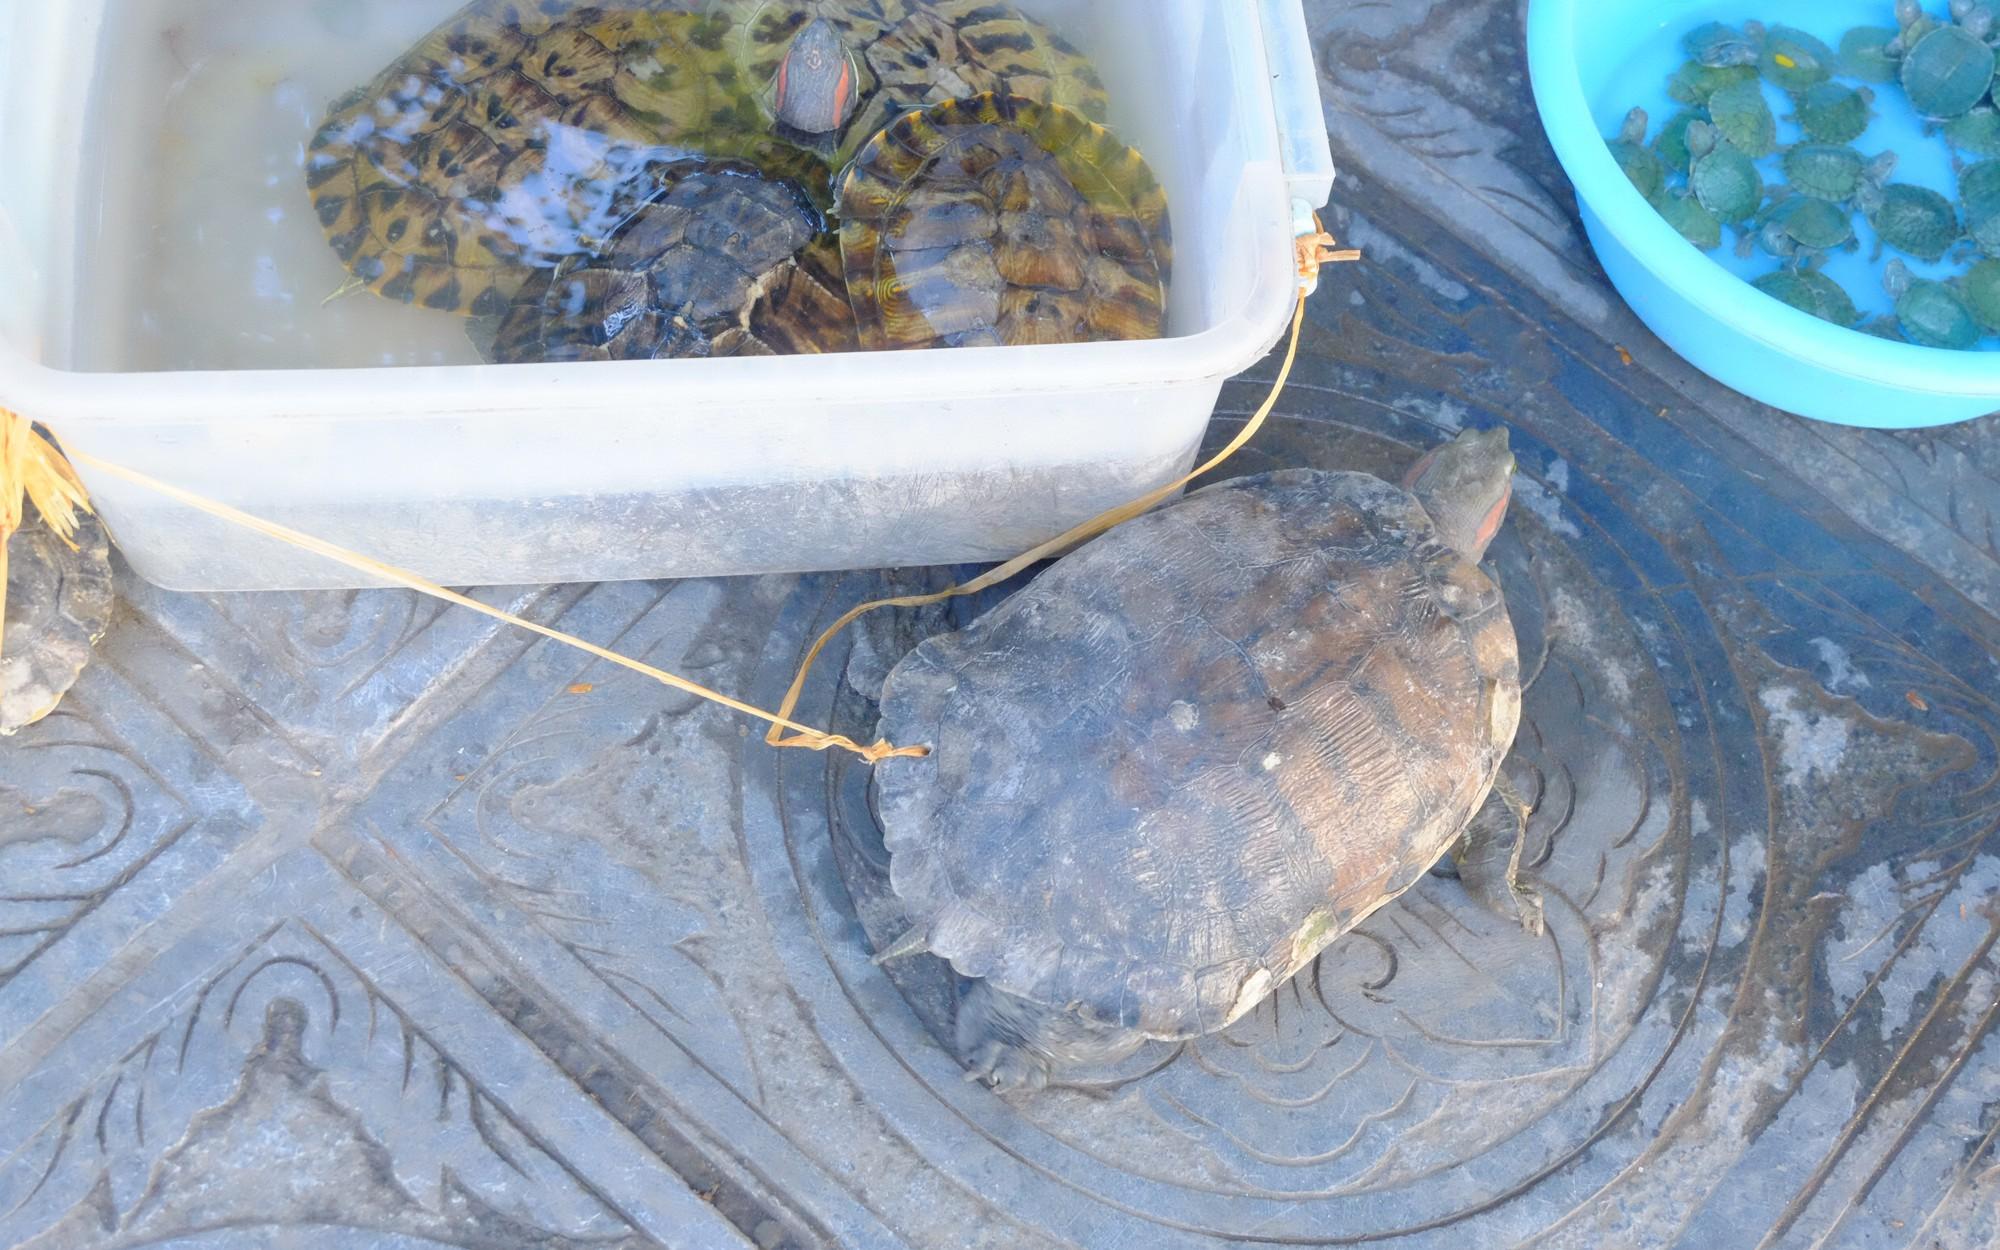 Ảnh: Rùa bị đục lỗ trên mai để trói buộc, bày bán nhằm phục vụ nhu cầu người dân mua phóng sinh mùa Vu Lan